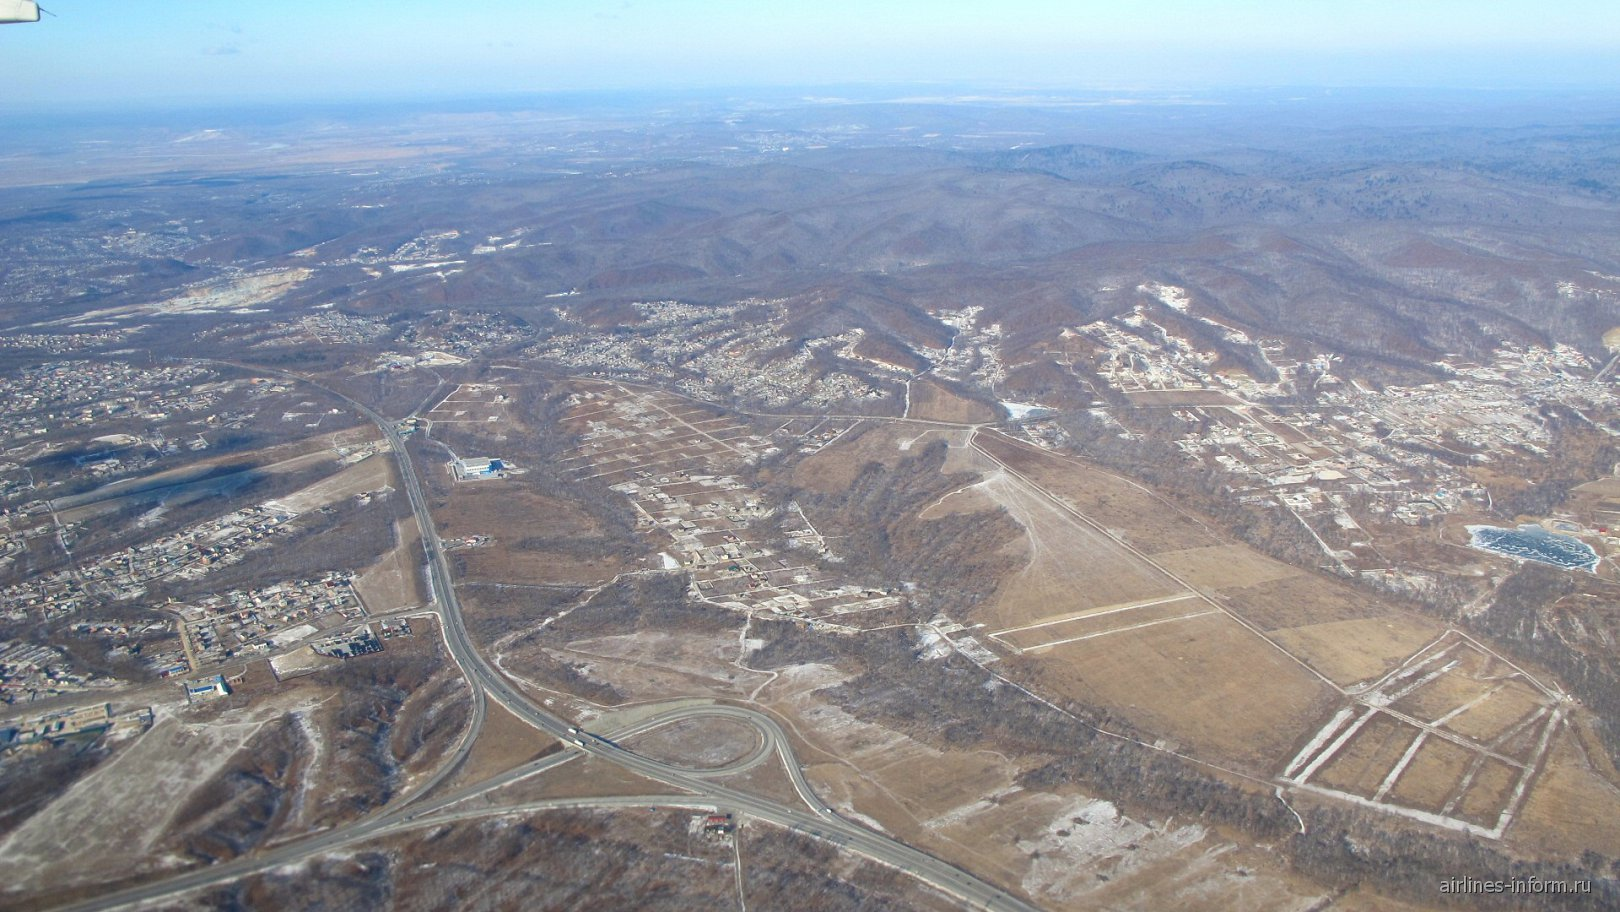 Окрестности Владивостока после взлета из аэропорта Кневичи